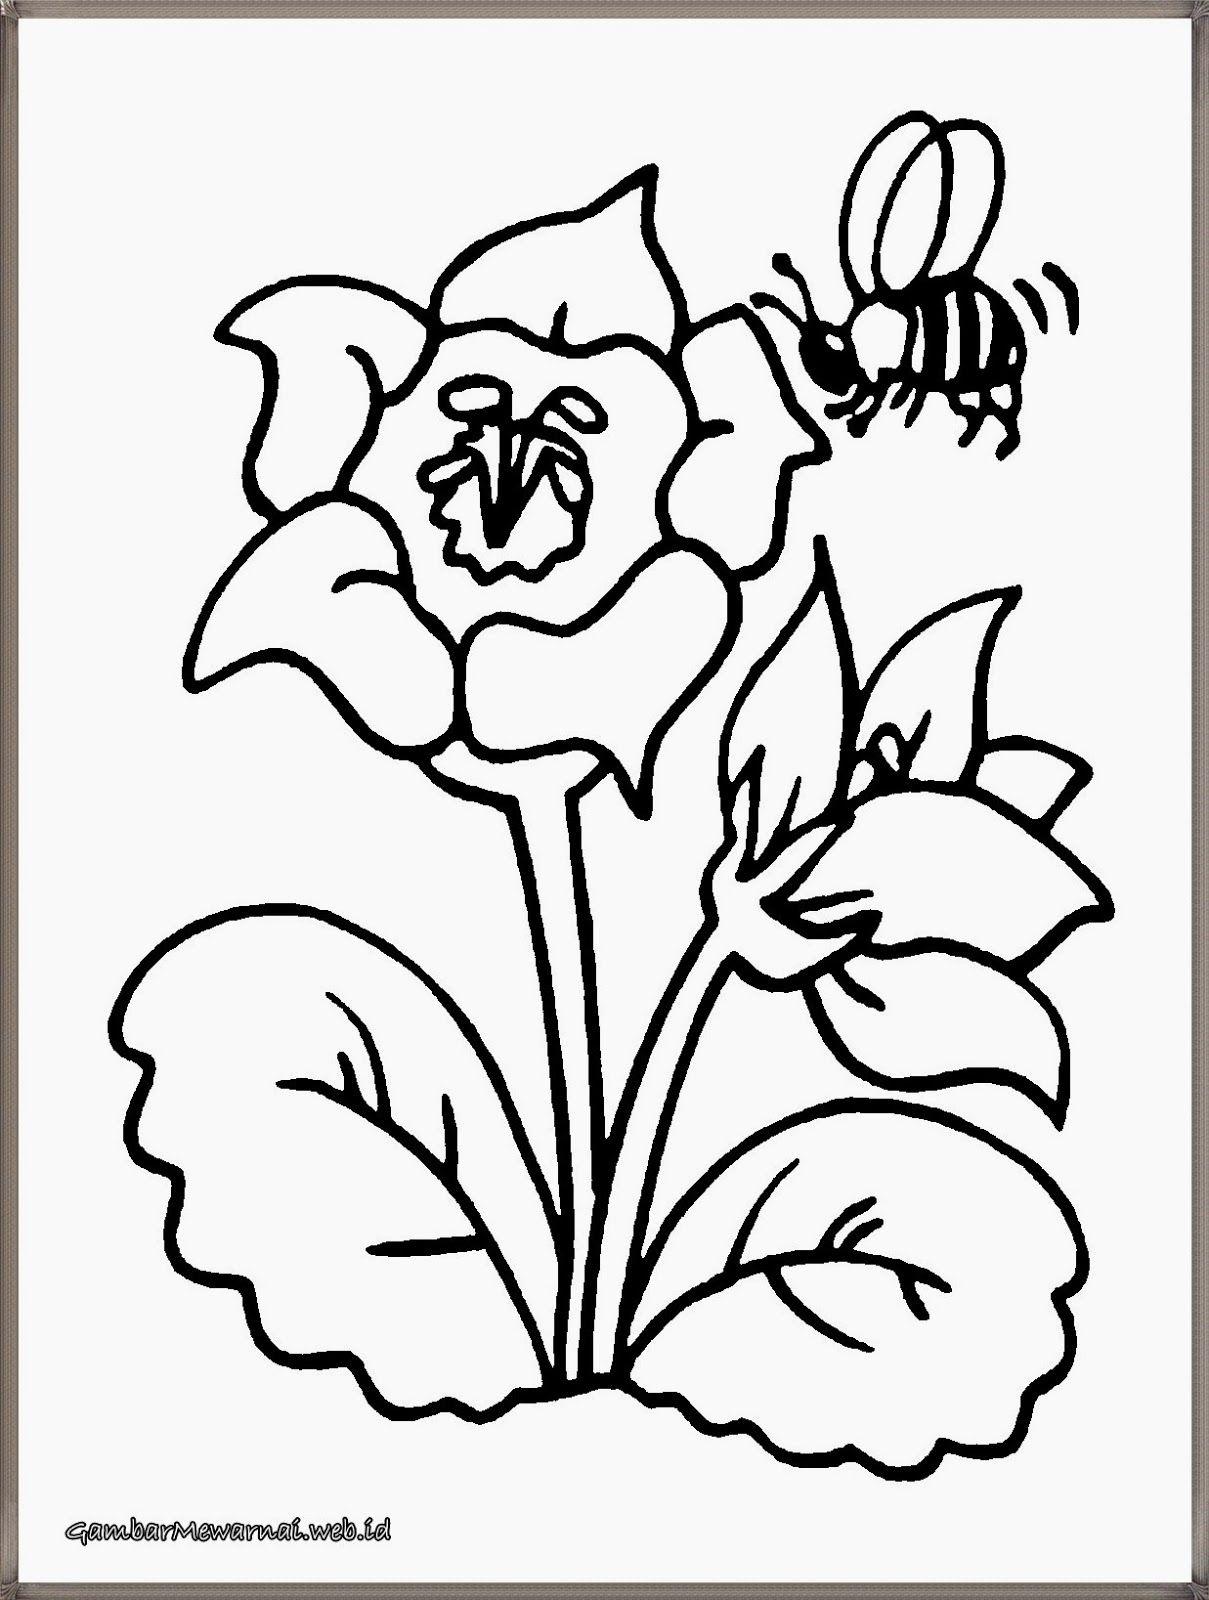 gambar mewarnai lebah madu menghisap sari bunga